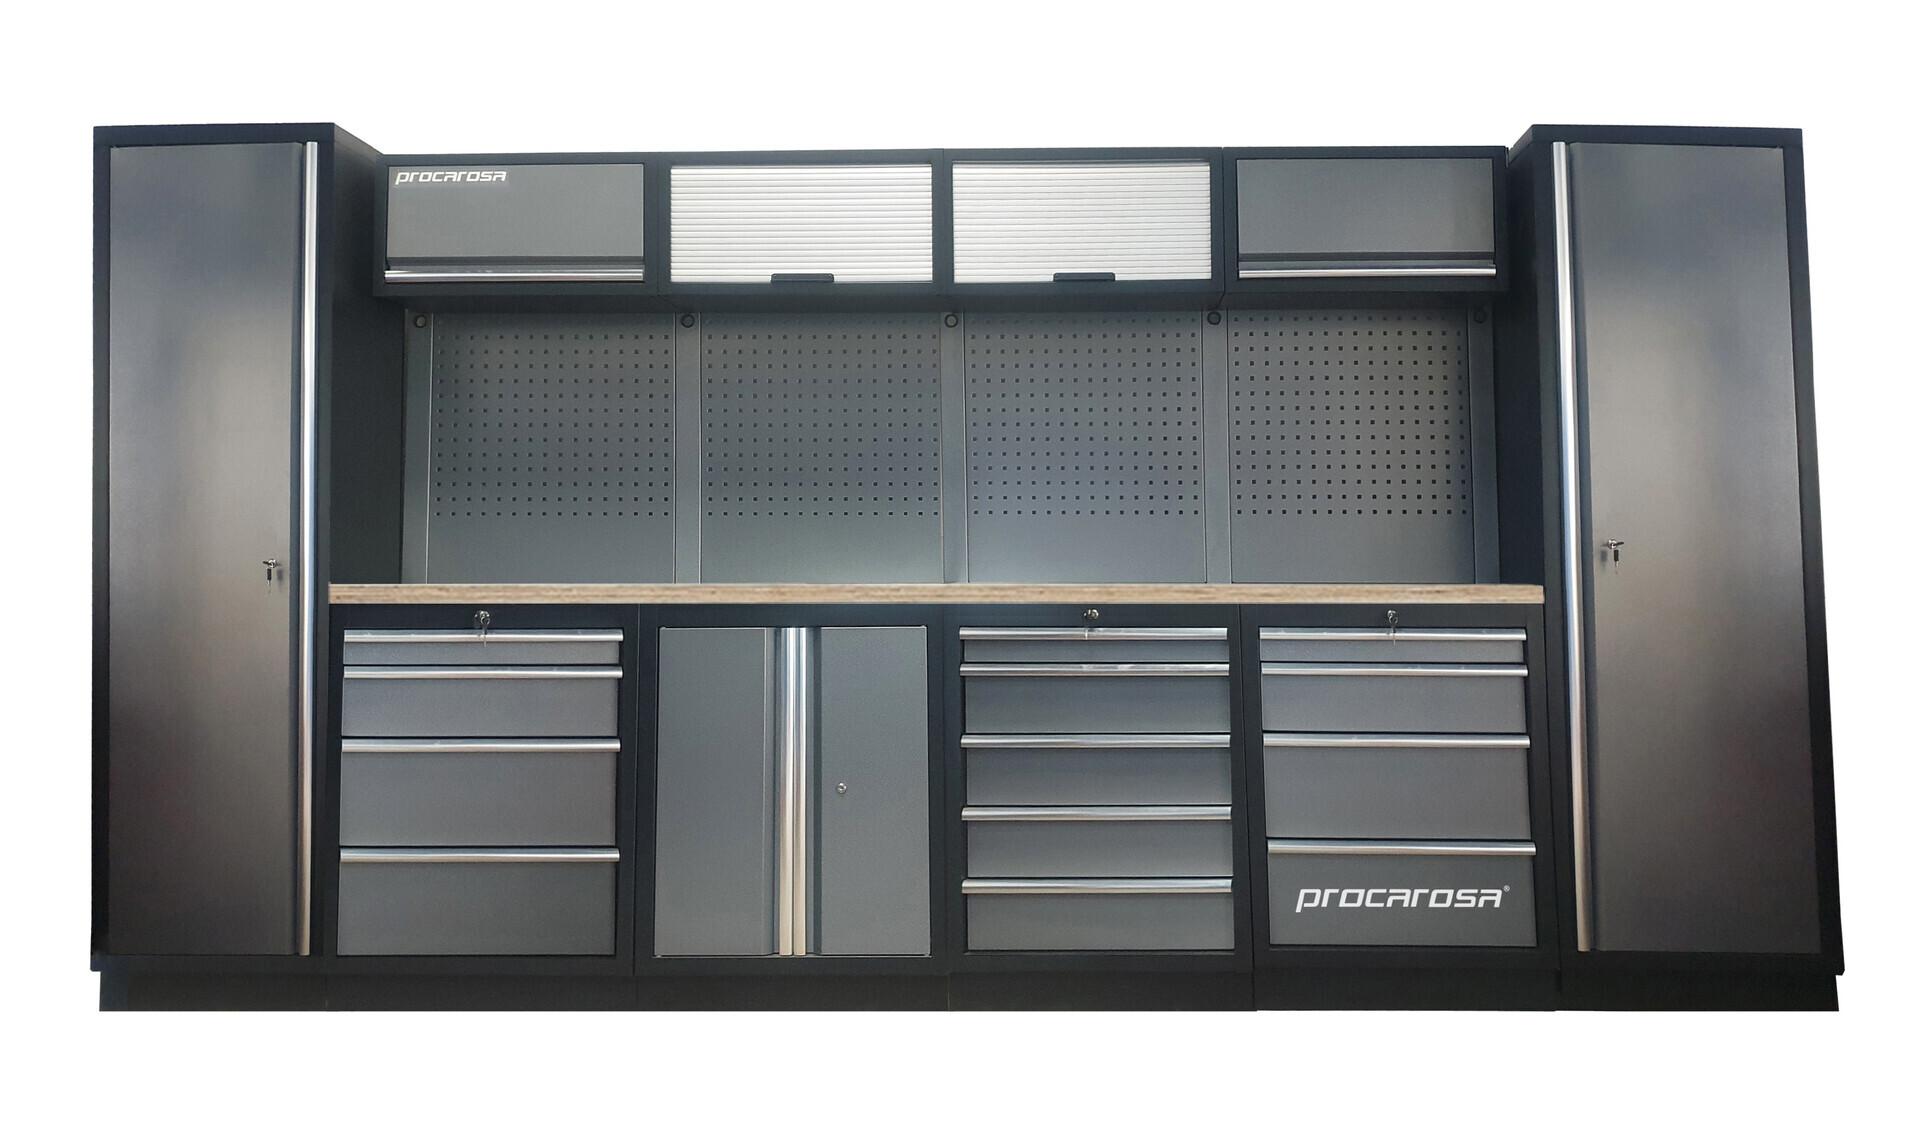 Sestava dílenského nábytku Procarosa PROFESSIONAL L-4 Pracovní deska: dřevěná, Hmotnost: 3